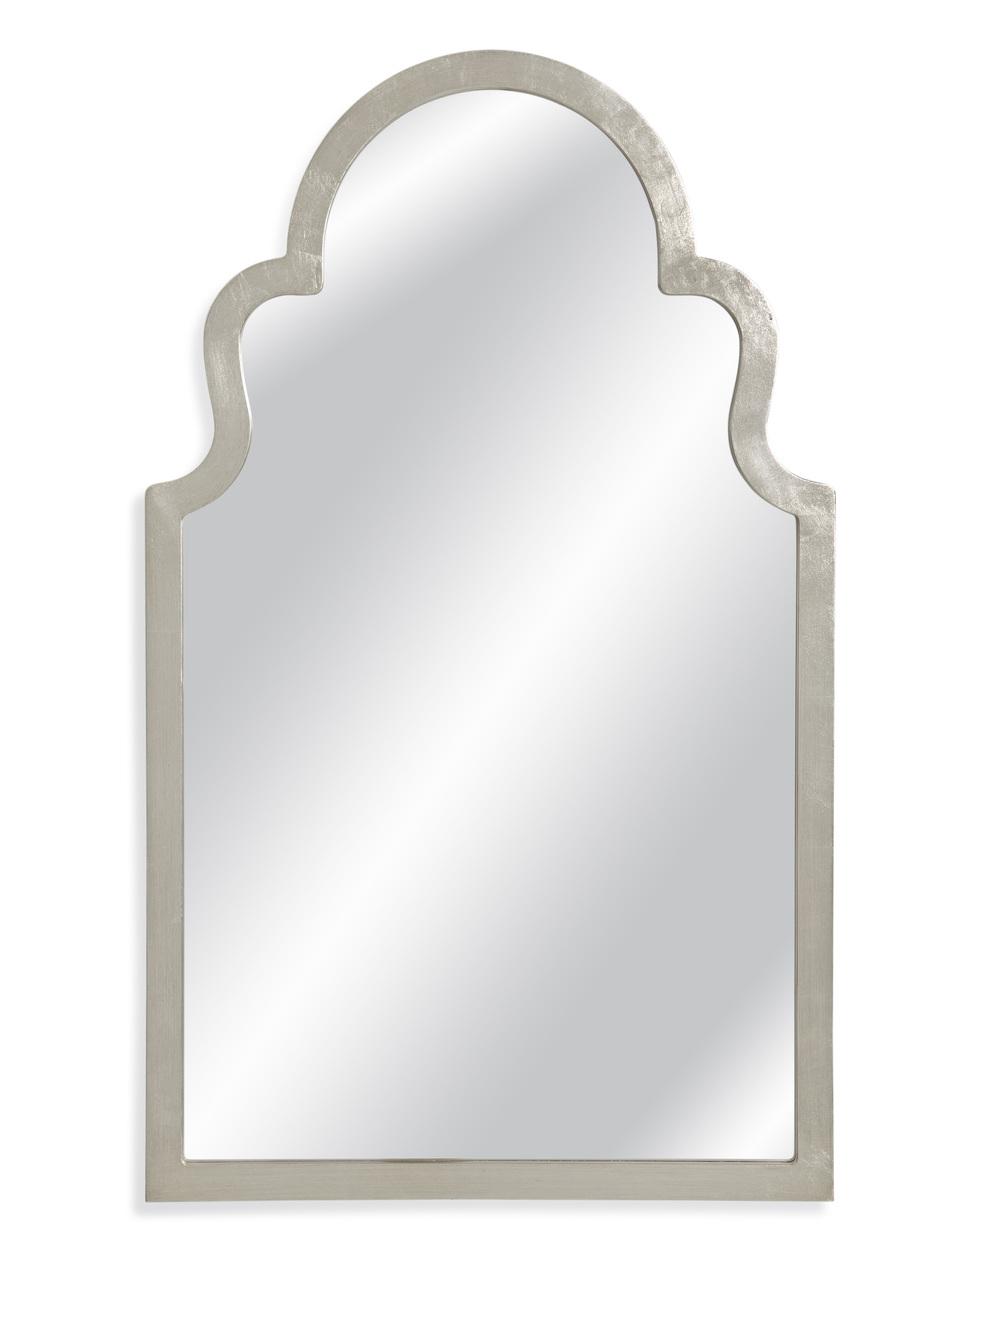 Bassett Mirror Company - Mina Wall Mirror